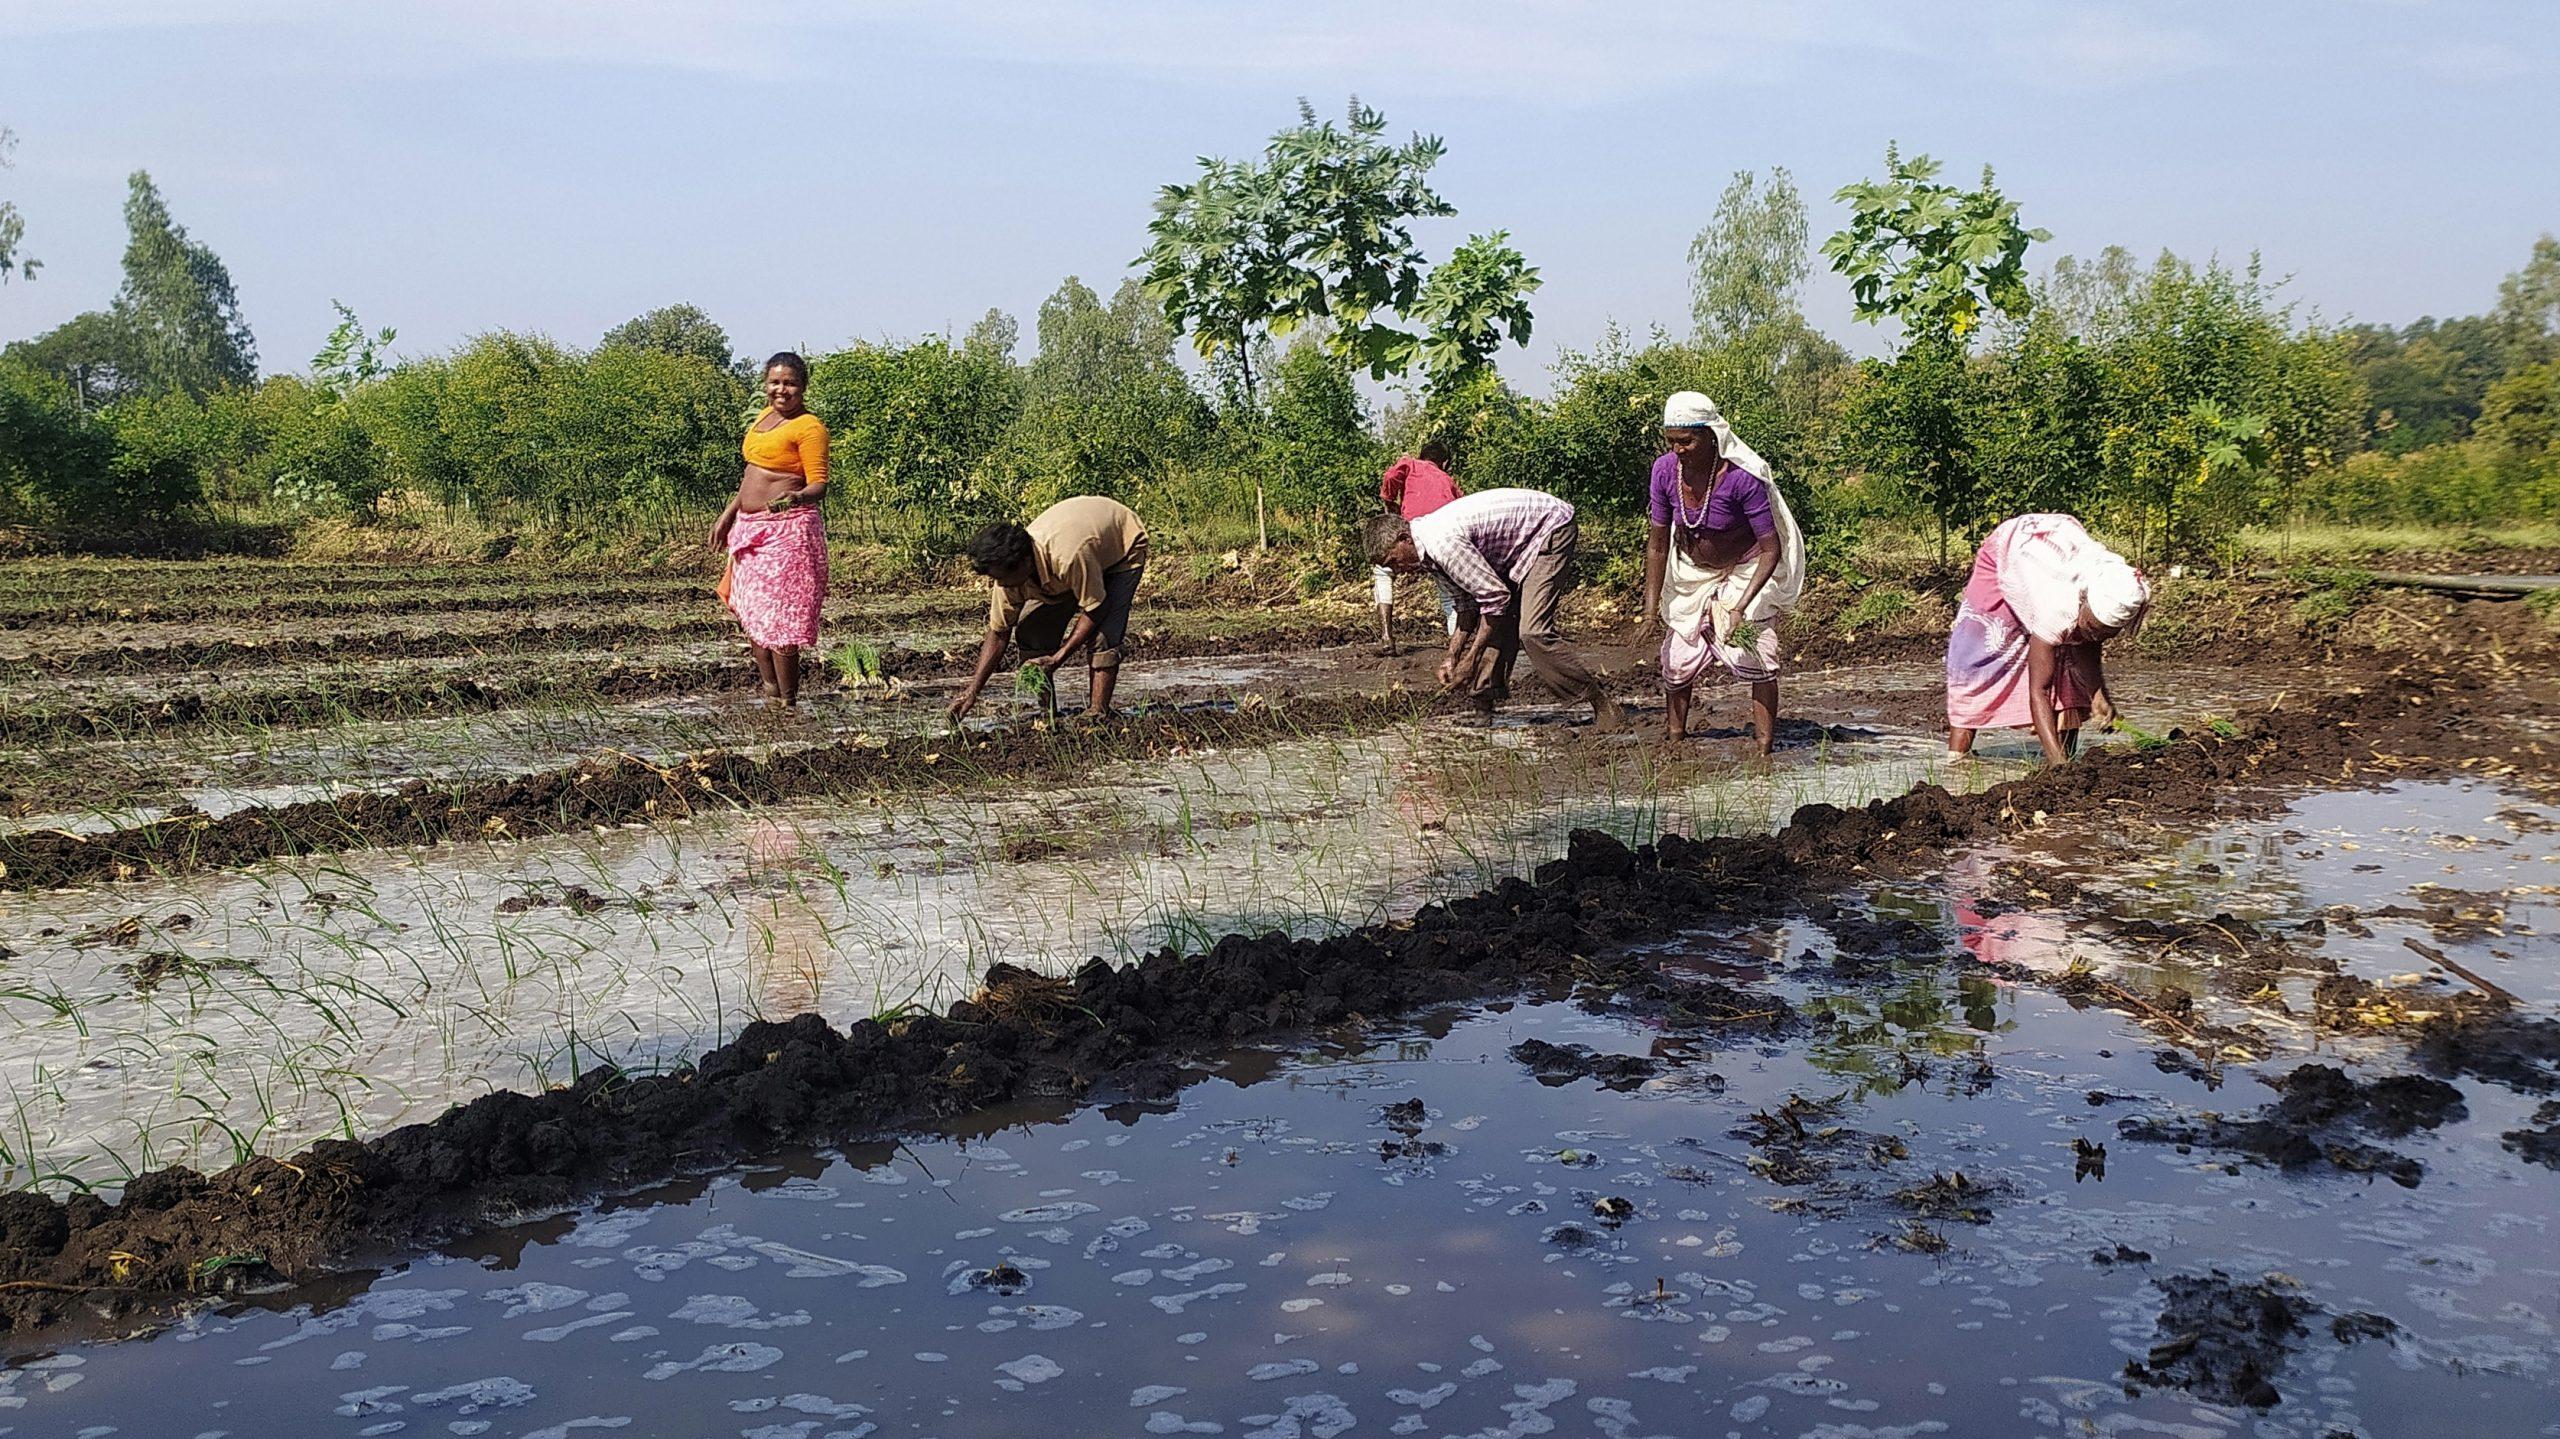 Farmers working in muddy field